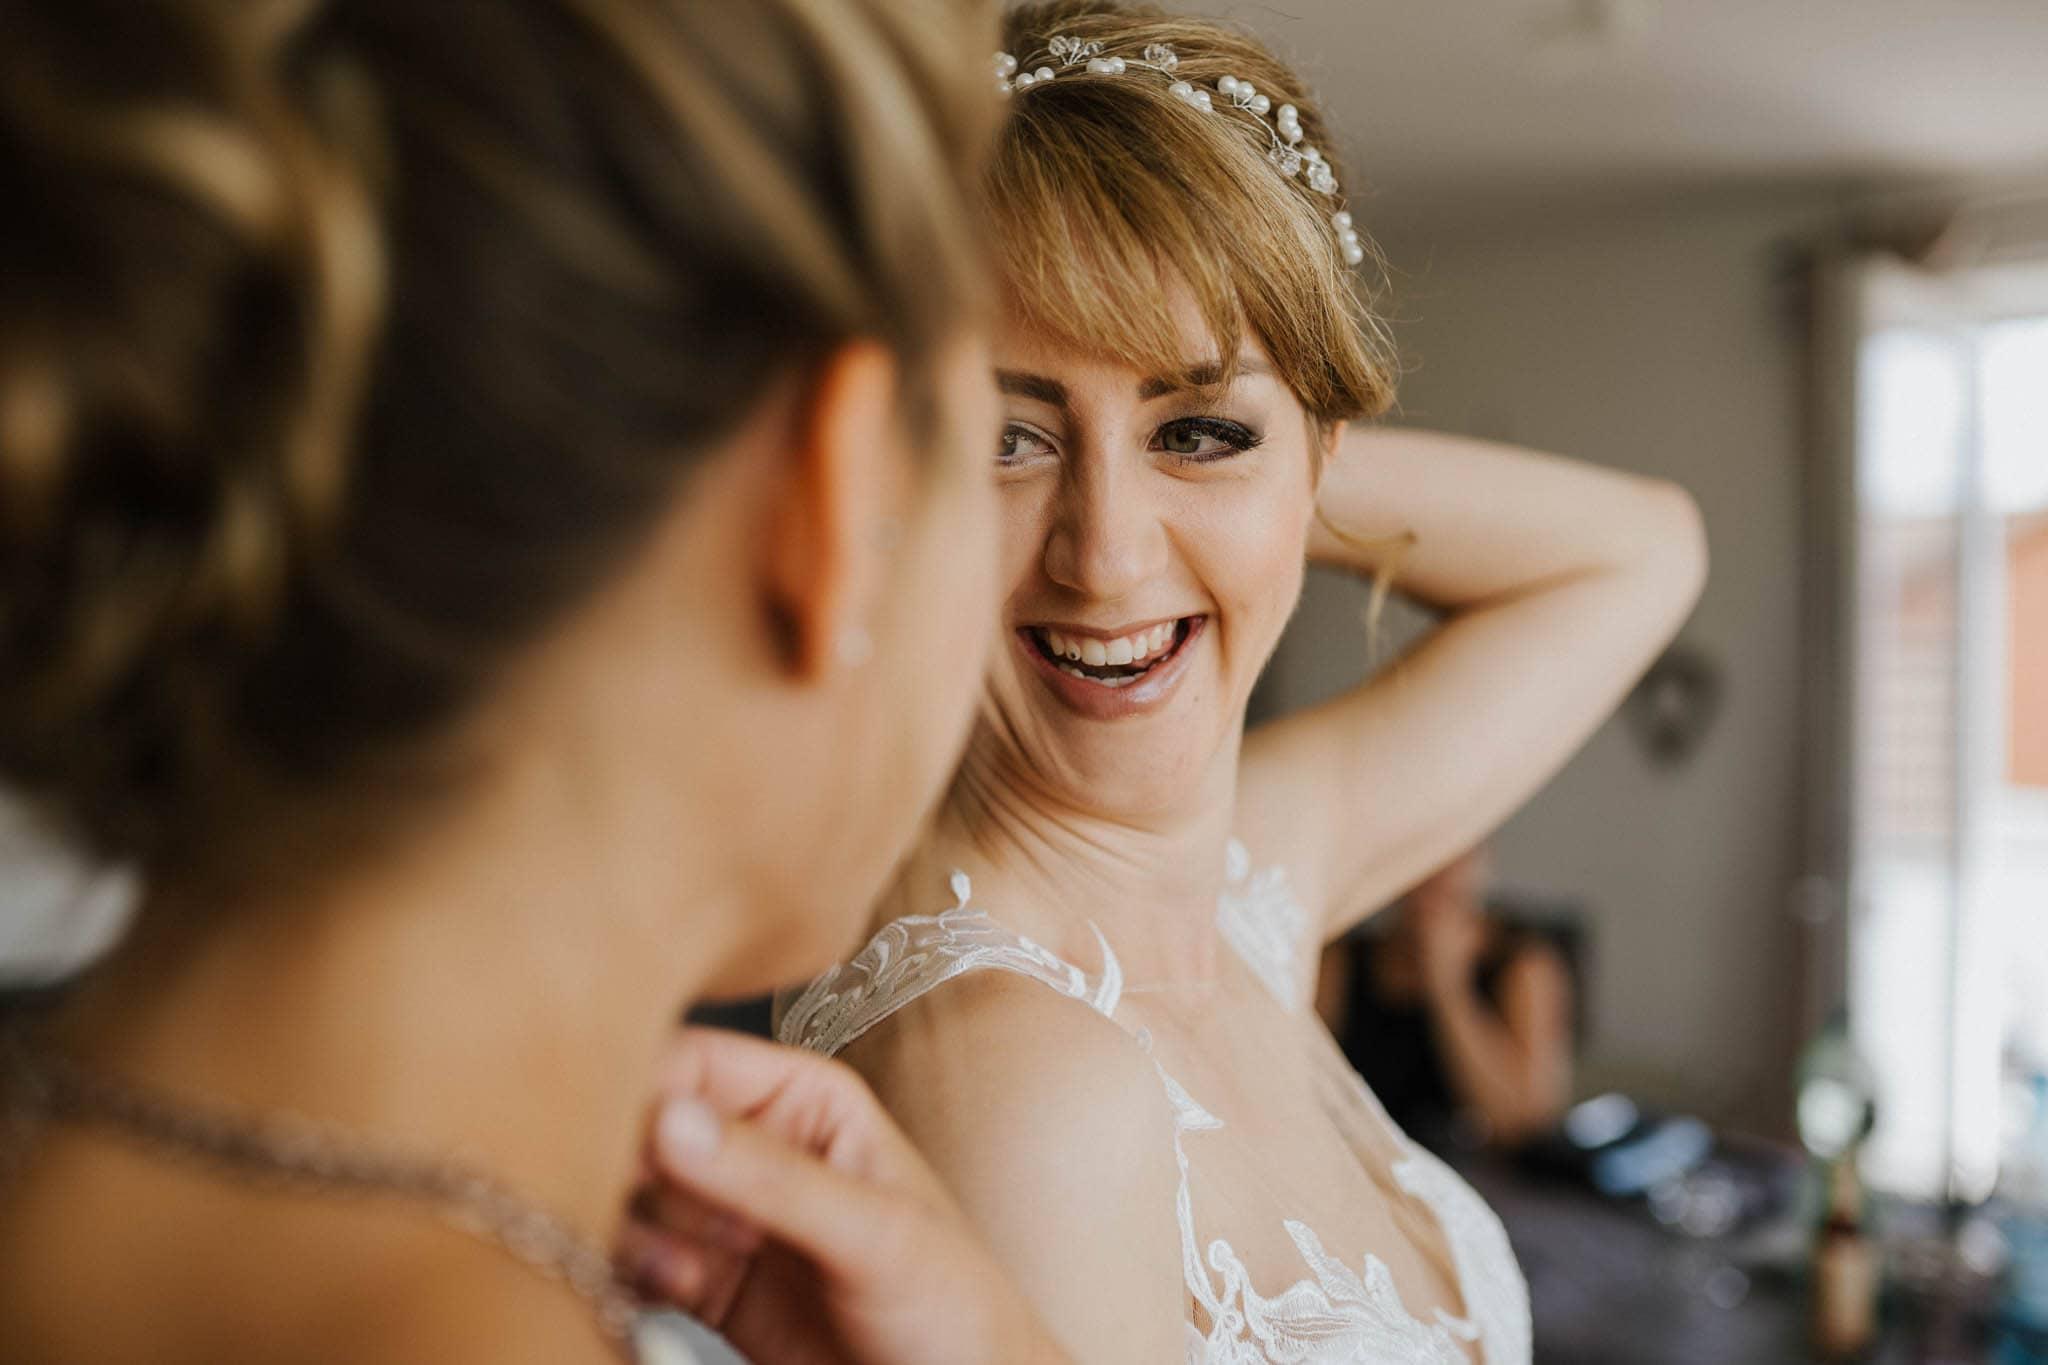 Hochzeitsfieber by Photo-Schomburg, Hoichzeitsfotograf, Hamburg, Wedding, Weddingtime, Hochzeitspaar, Braut, Bräutigam, Hochzeit im Norden,-31